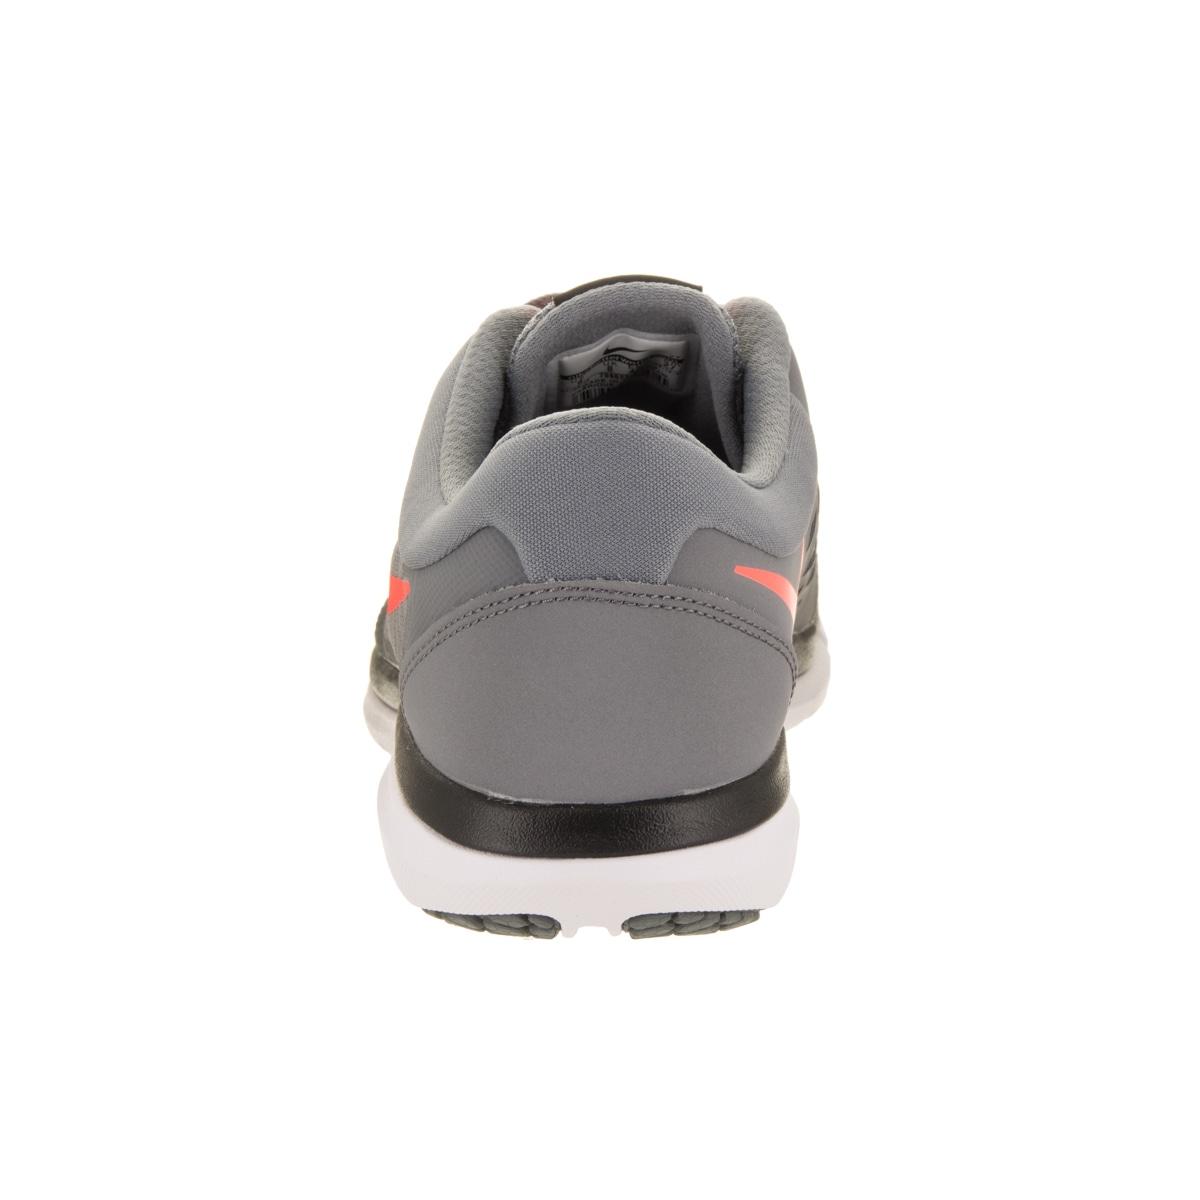 ecf24e275ca76 Shop Nike Men s Flex 2015 Rn Running Shoe - Free Shipping Today - Overstock  - 16431872